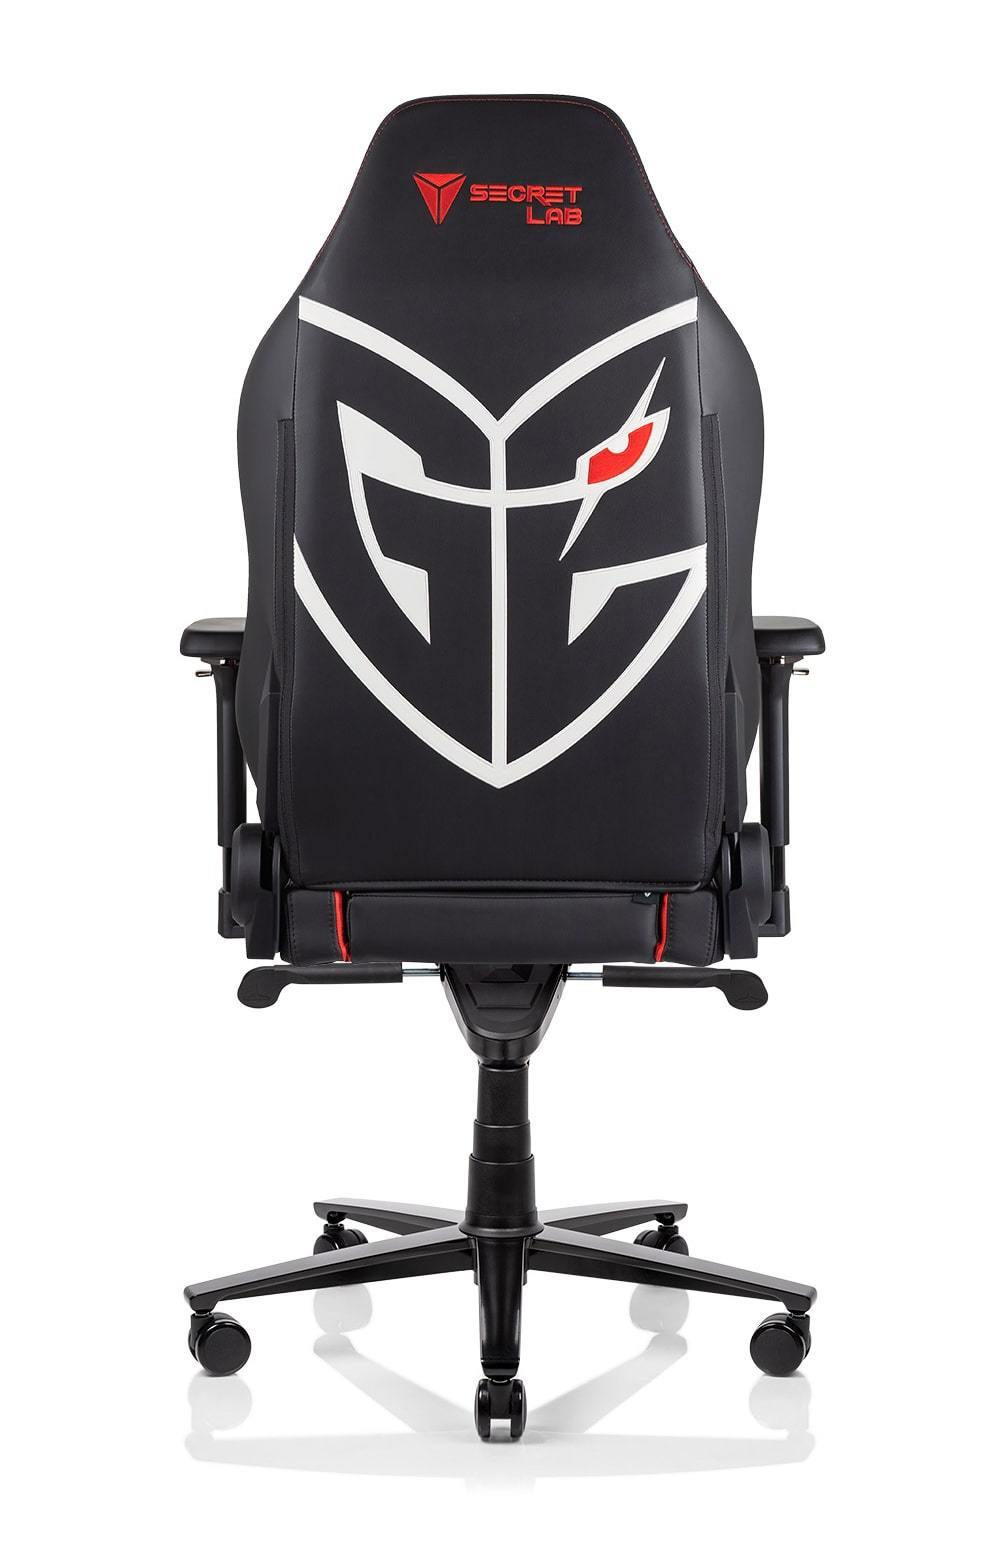 Secretlab-OMEGA G2 игровые кресла